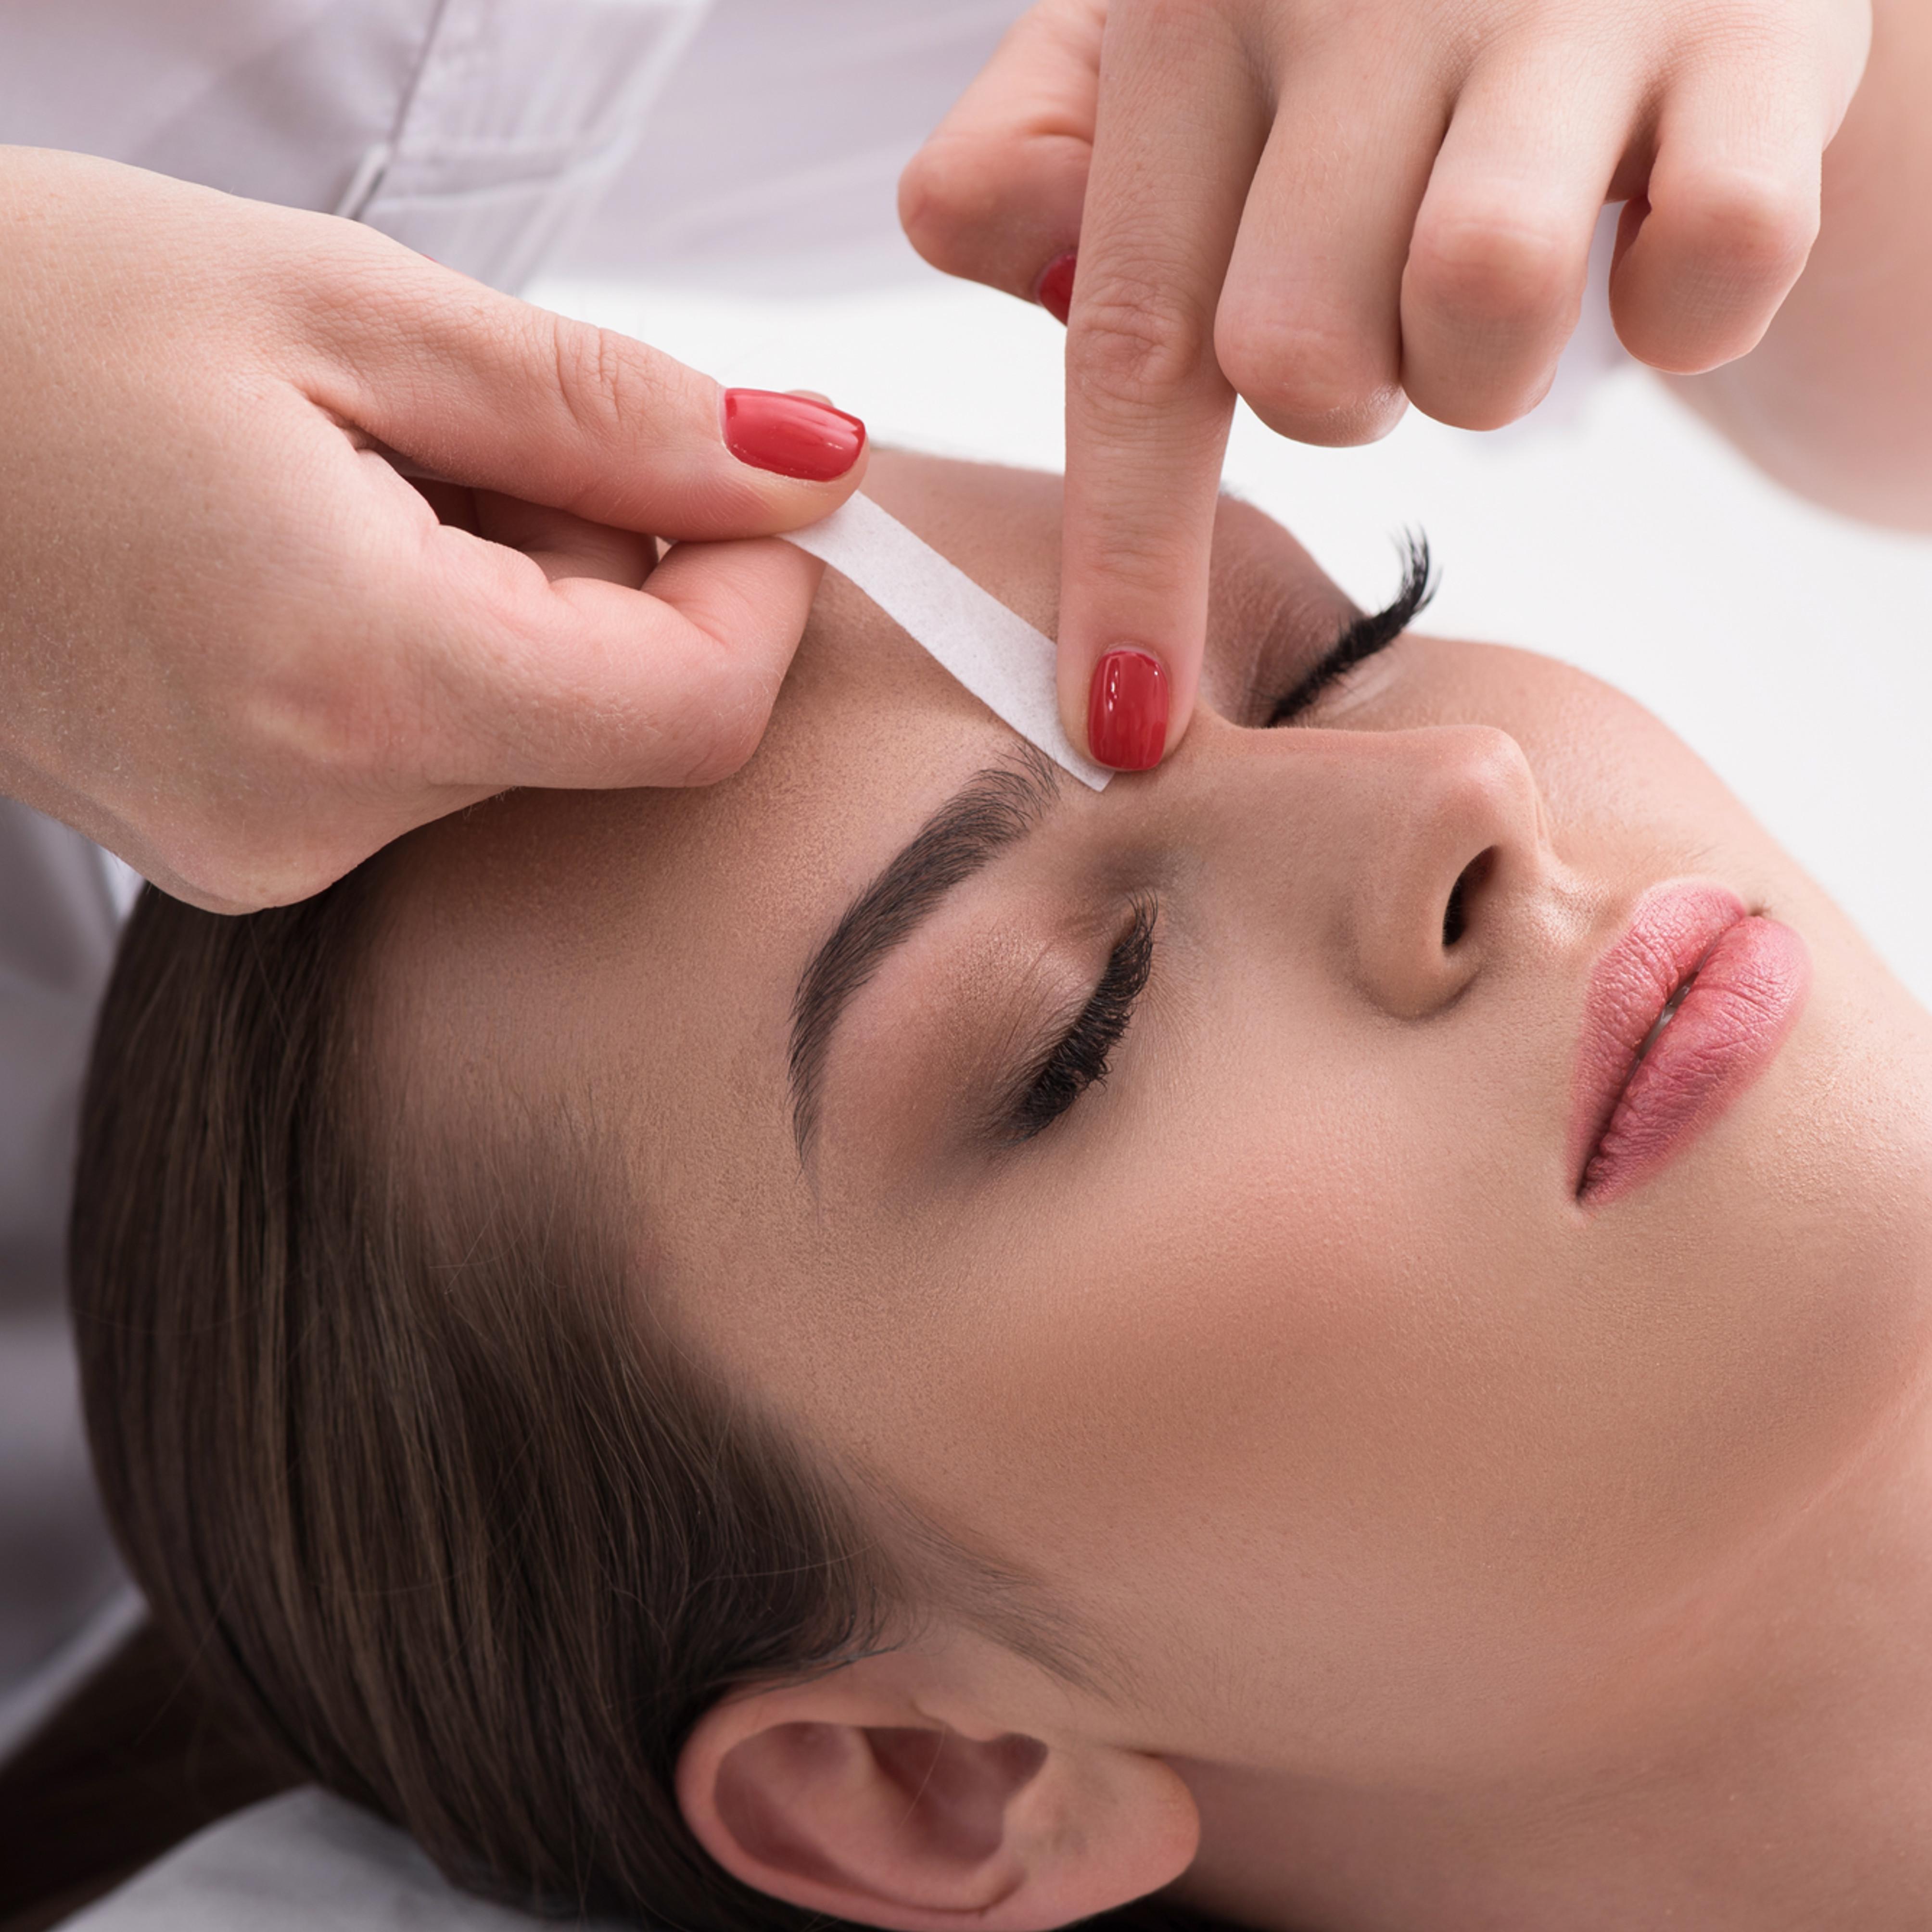 Waxing Hair Removal Service - Facial Wax